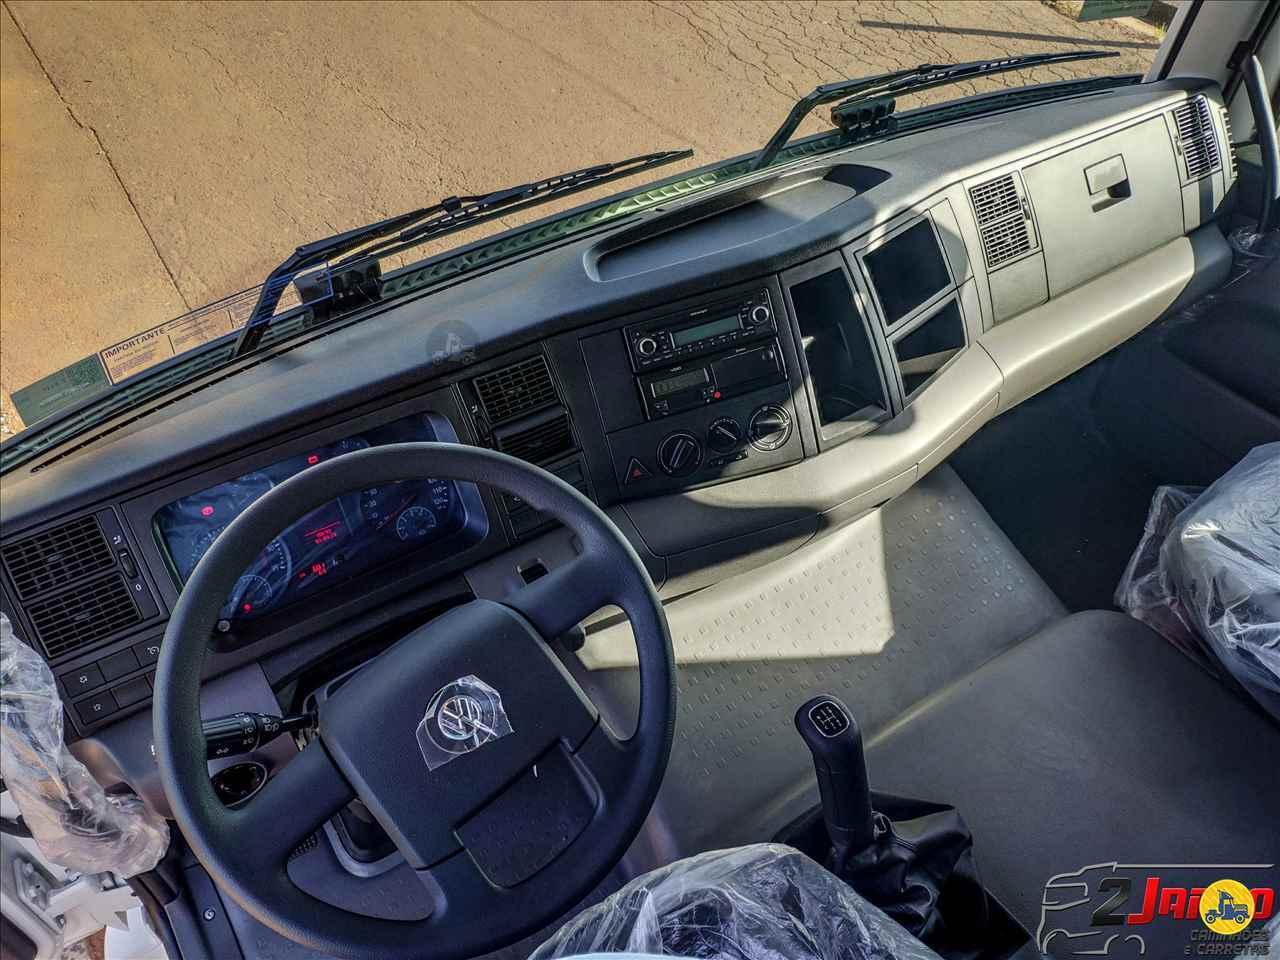 VOLKSWAGEN VW 24280 65km 2021/2022 2 Japão Caminhões e Carretas